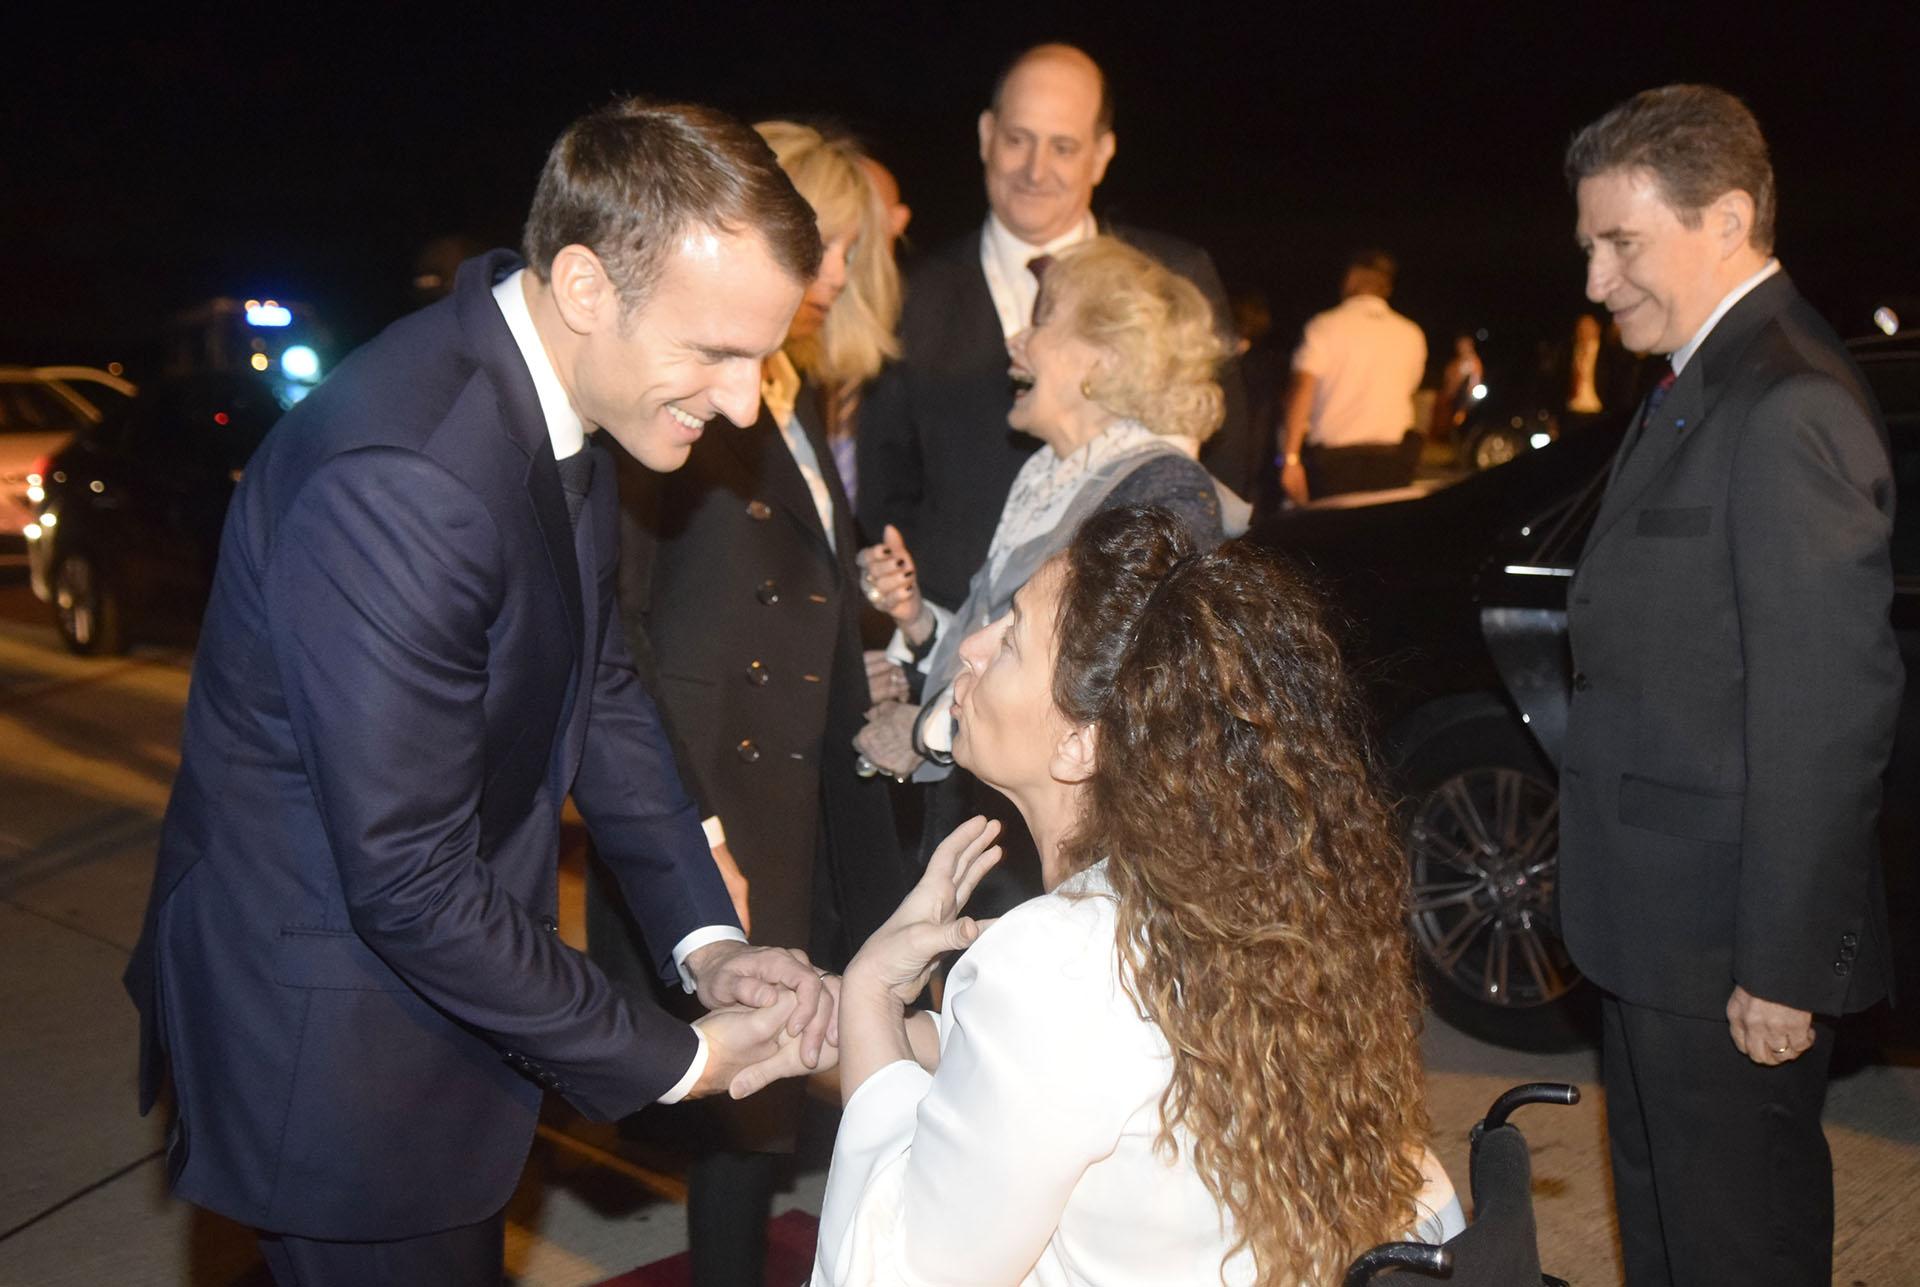 Llegada de Emmanuel Macron, presidente de Francia